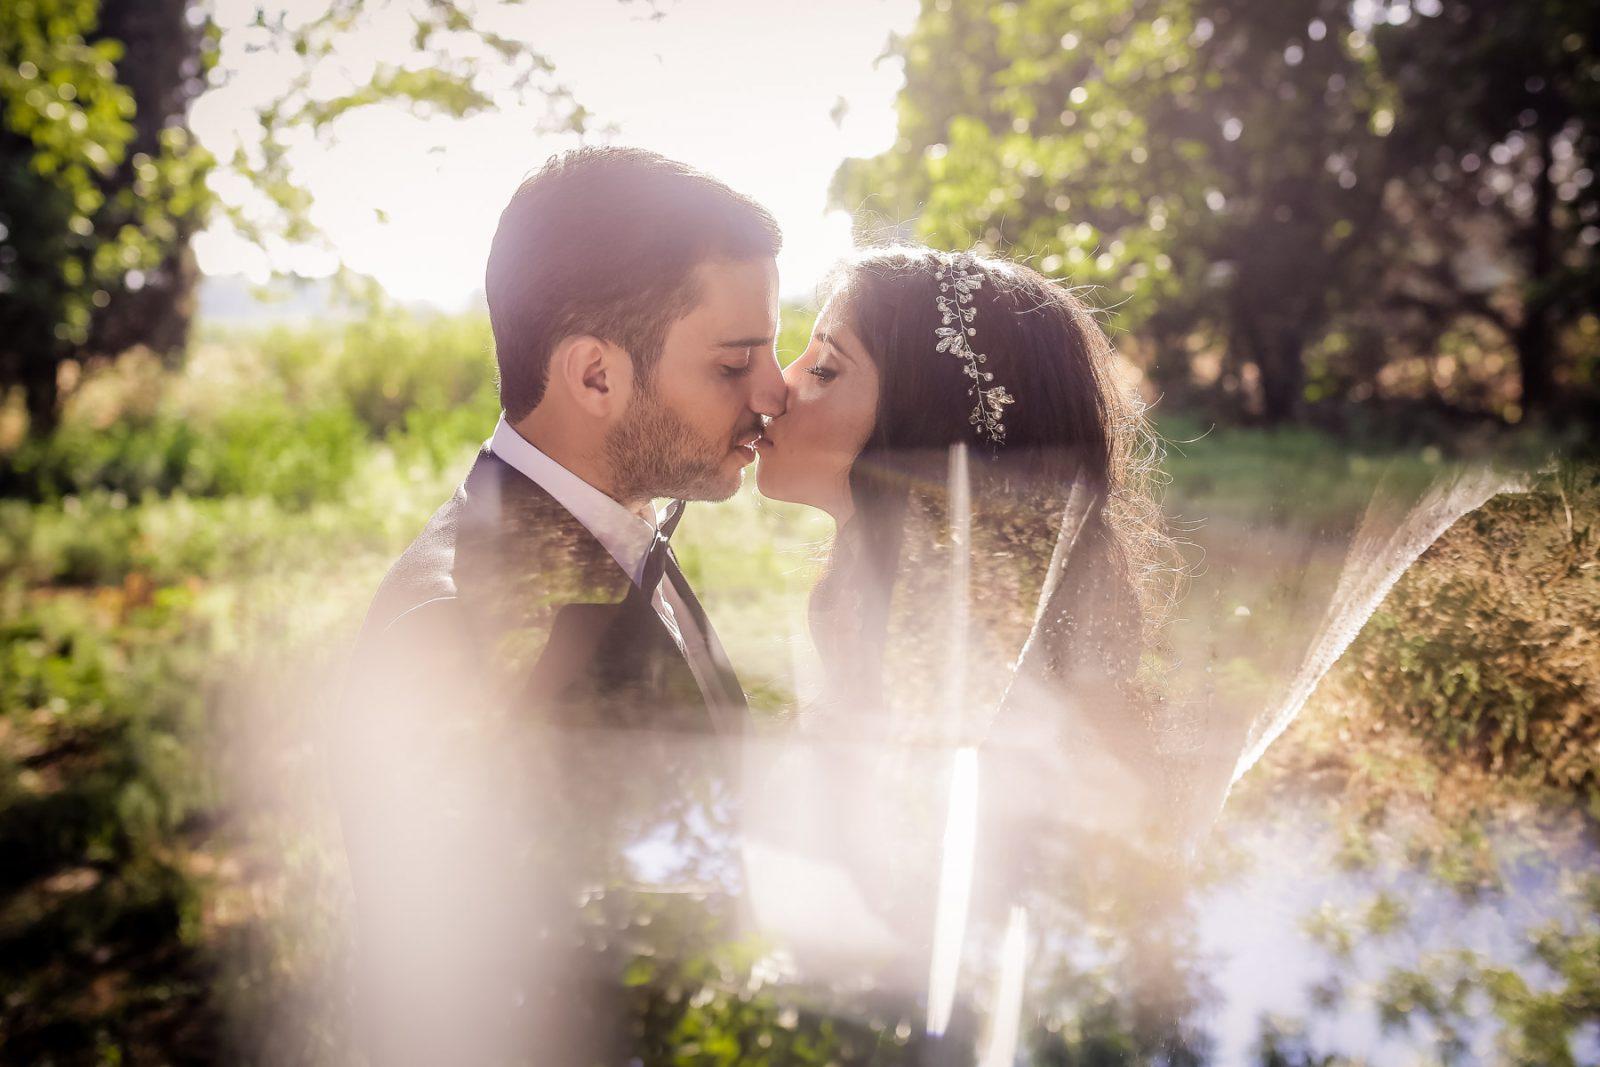 Romantic wedding portrait couple sunset kissing